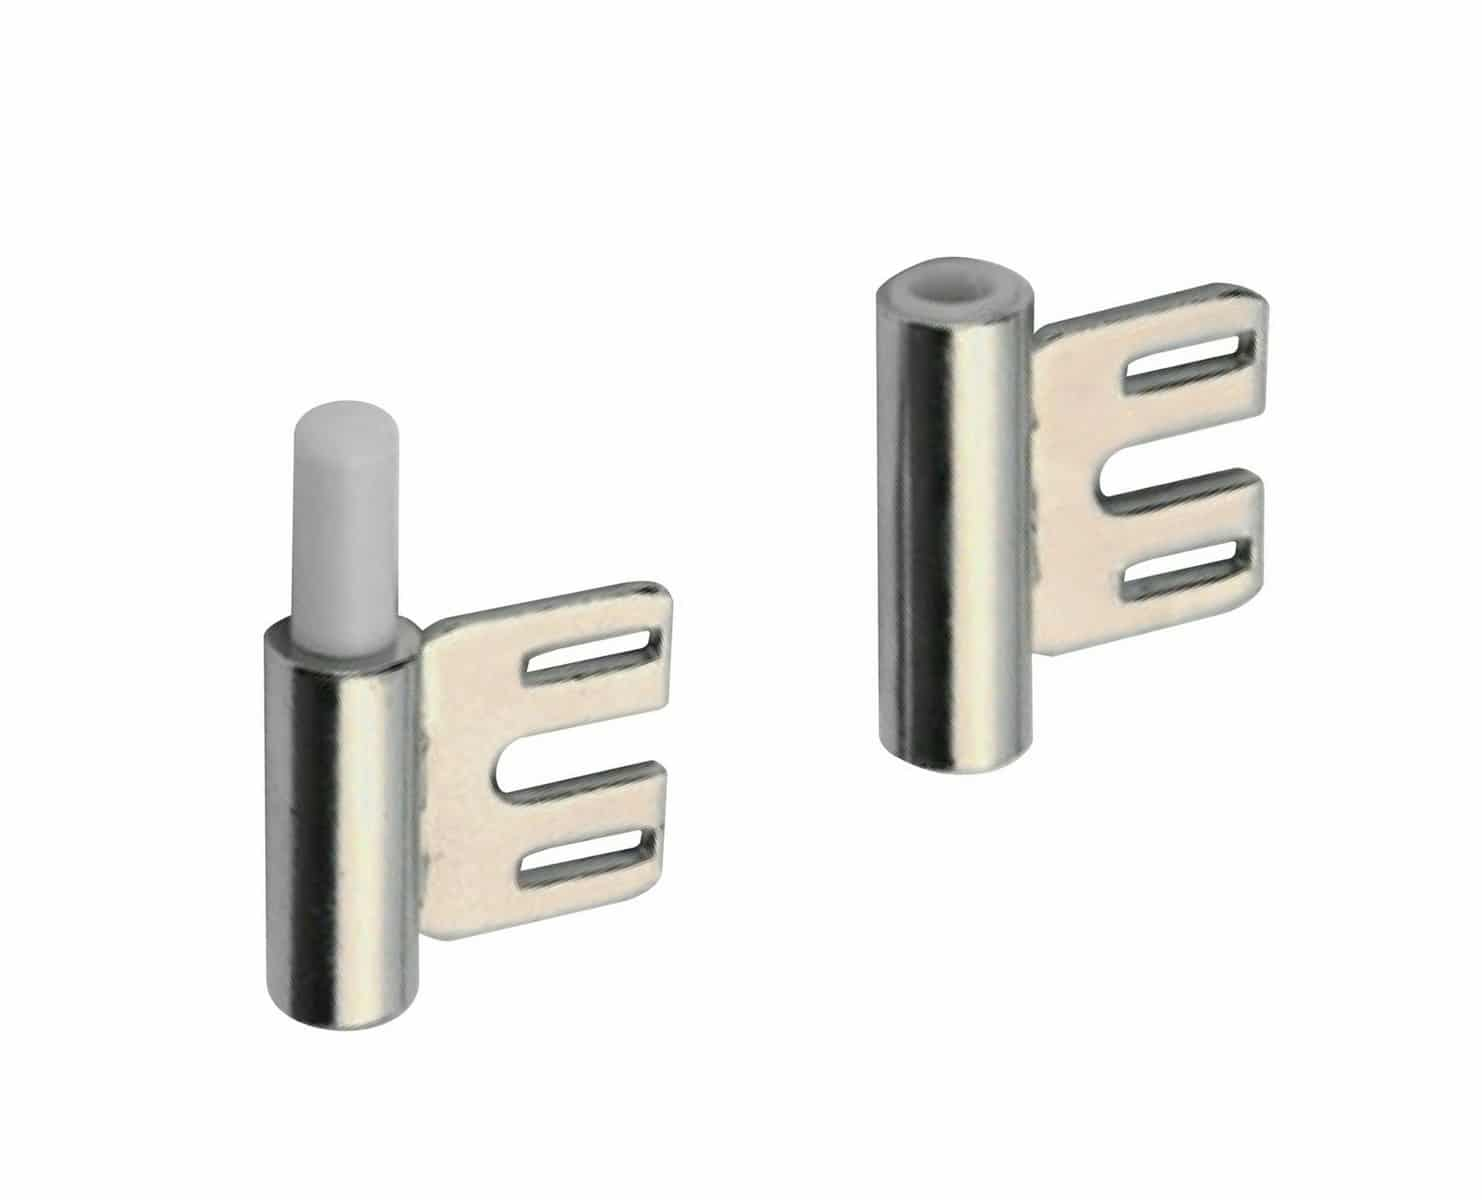 Bandunterteile Standard vernickelt für Stahlzarge